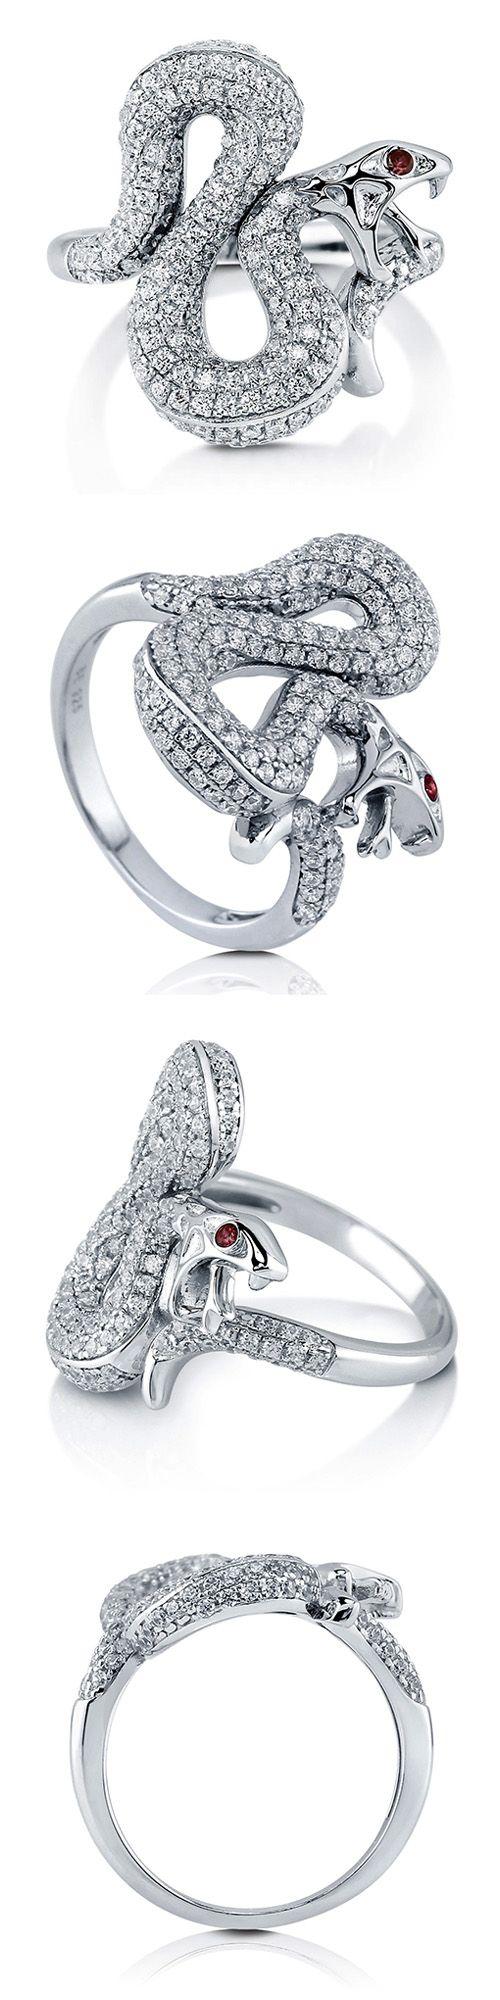 C Ring E Ring